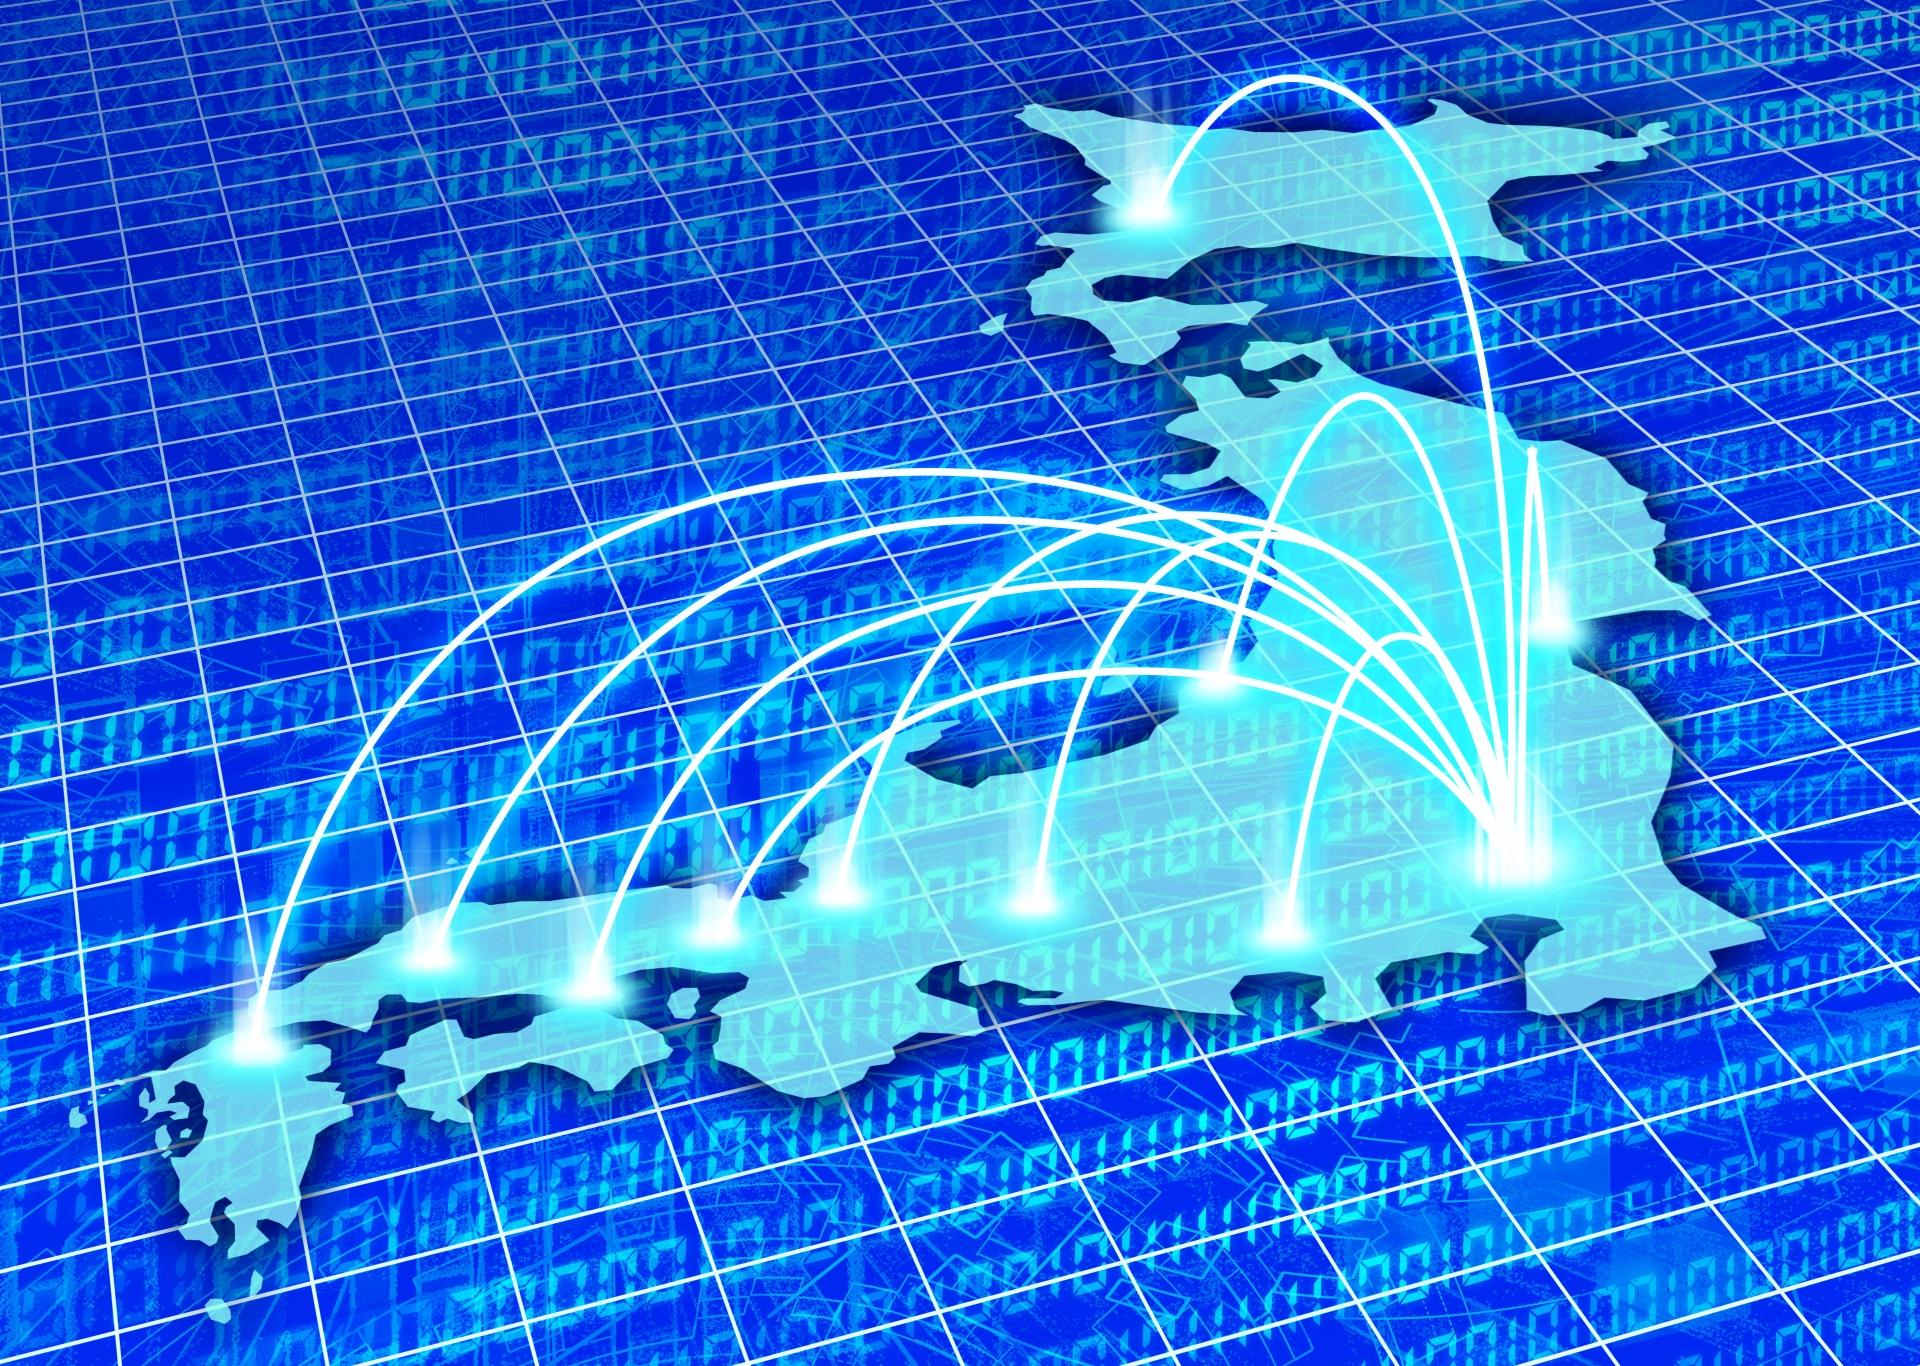 全国ネットワークインフラ<br>構築保守サービス